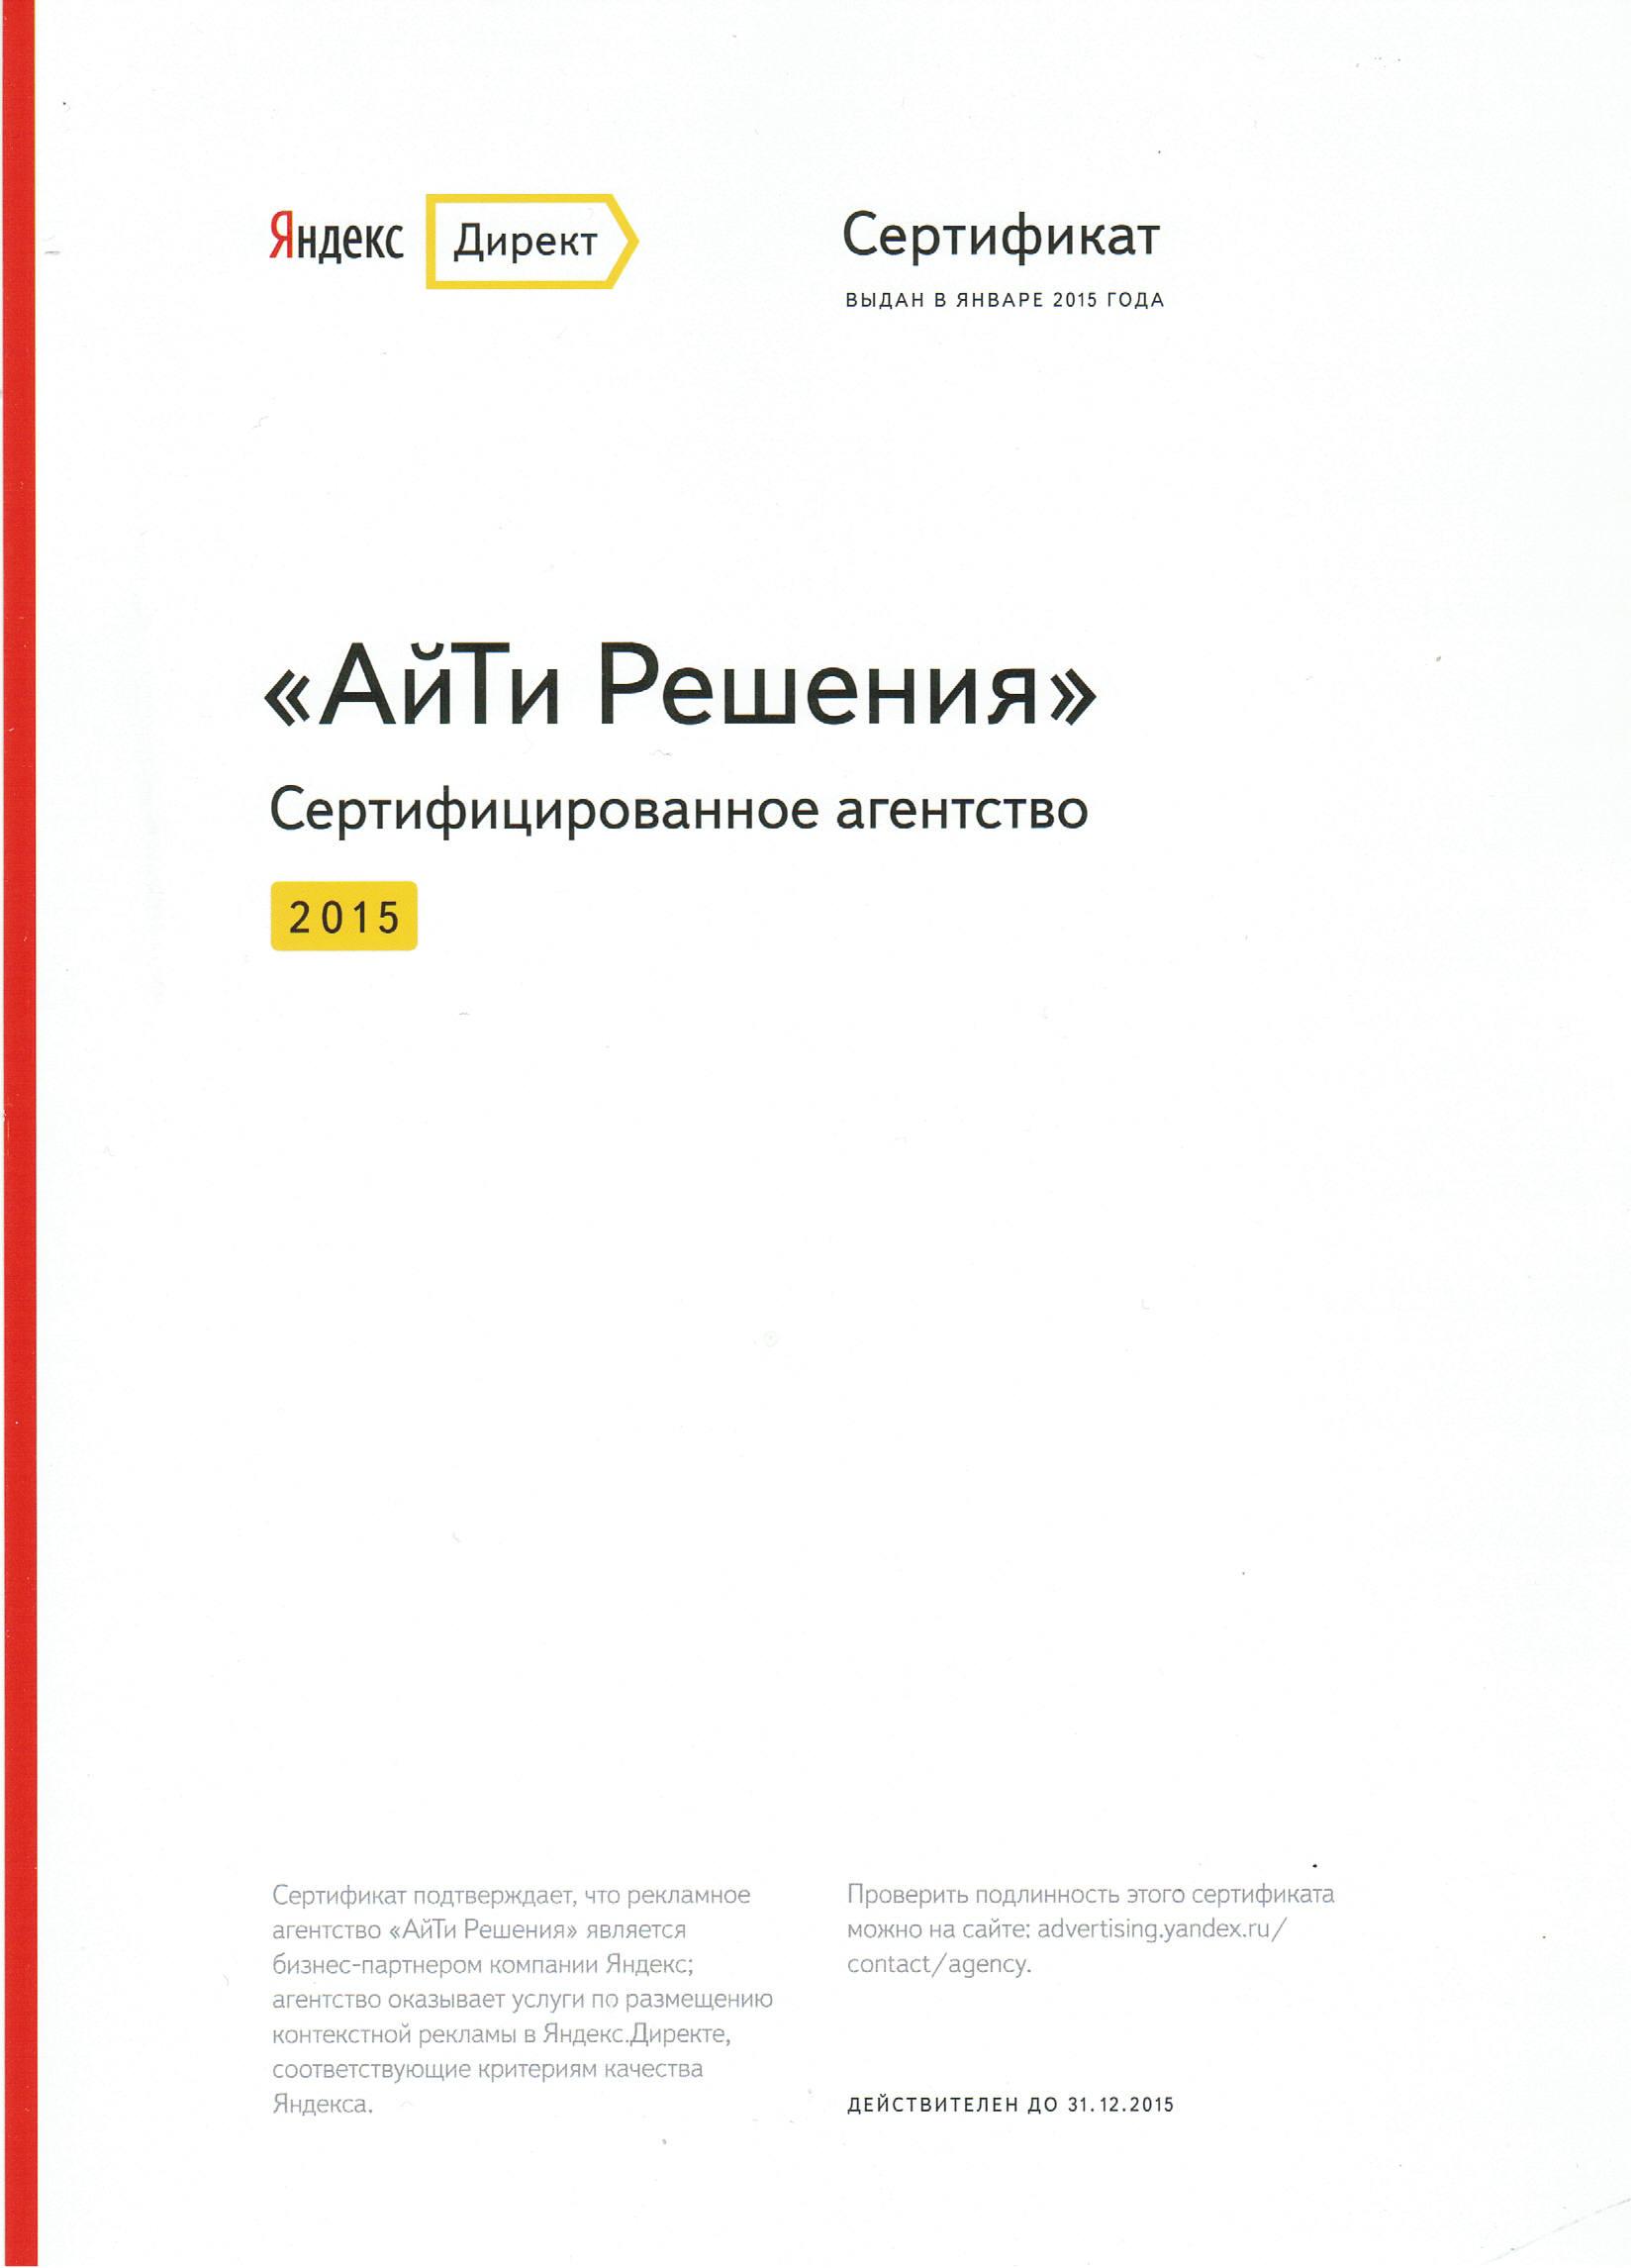 Яндекс директ обучение ярославль настройки где поставить рекламу cs 1.6 видео serva4ok